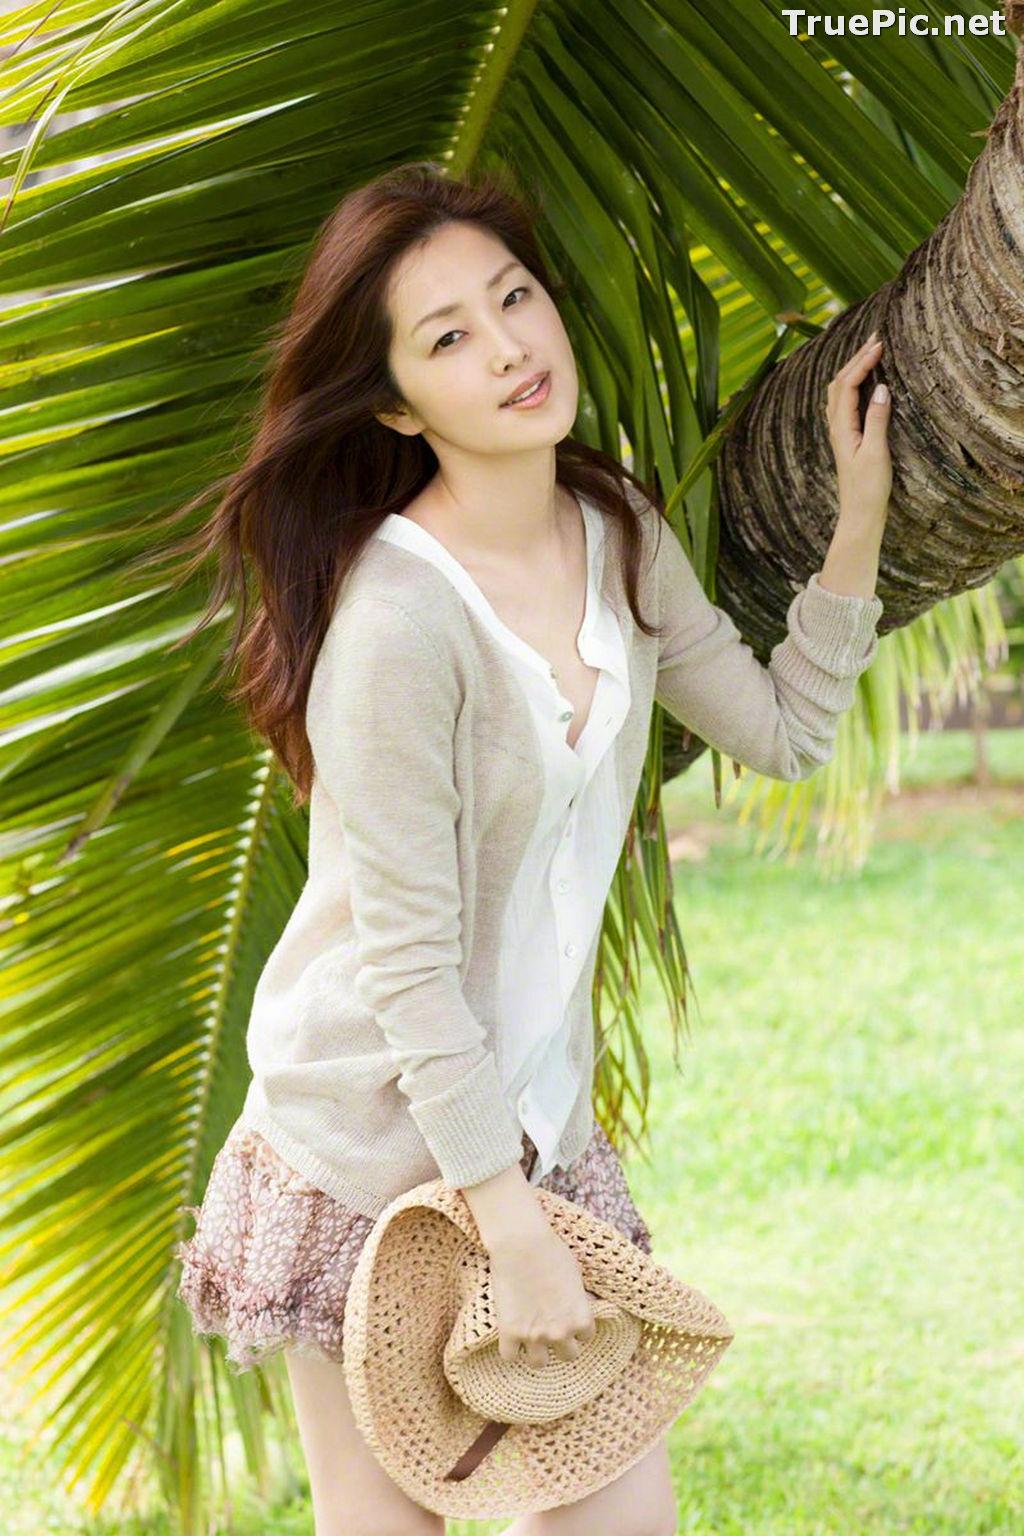 Image Wanibooks No.138 – Japanese Actress and Model – Yuko Fueki - TruePic.net - Picture-5